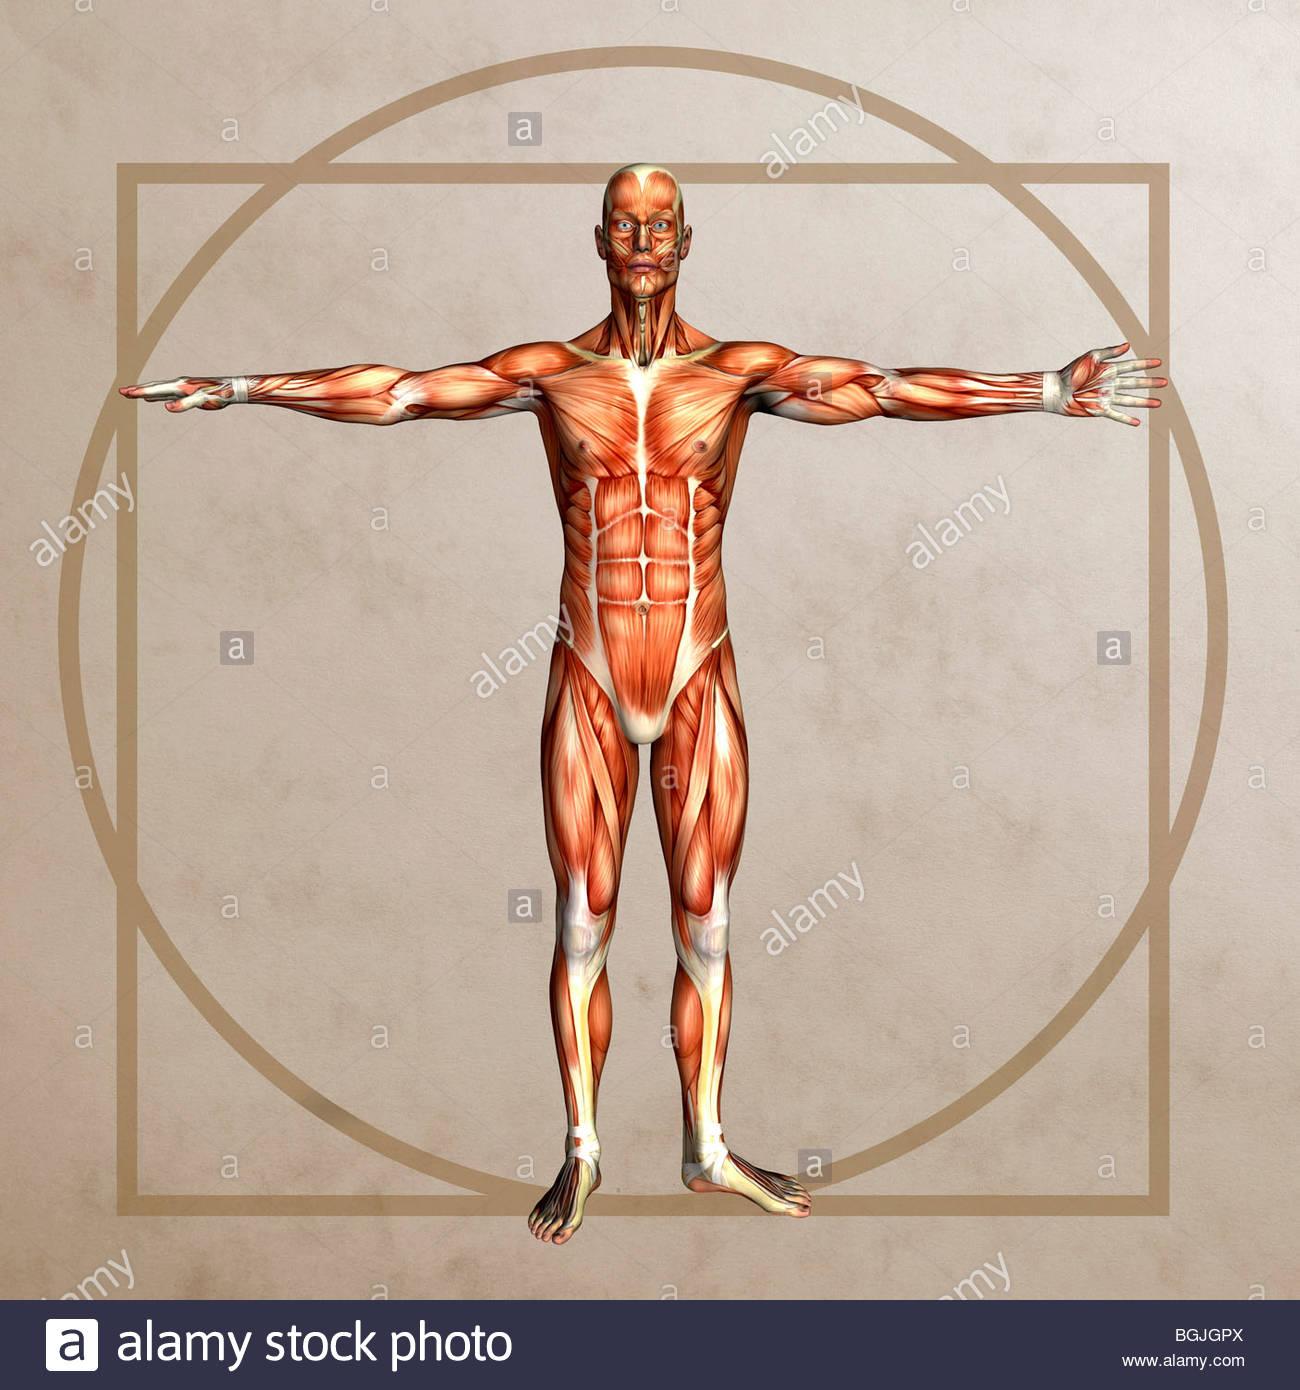 Anatomie-Grafik im Stil der vitruvianische Mensch von Leonardo da ...